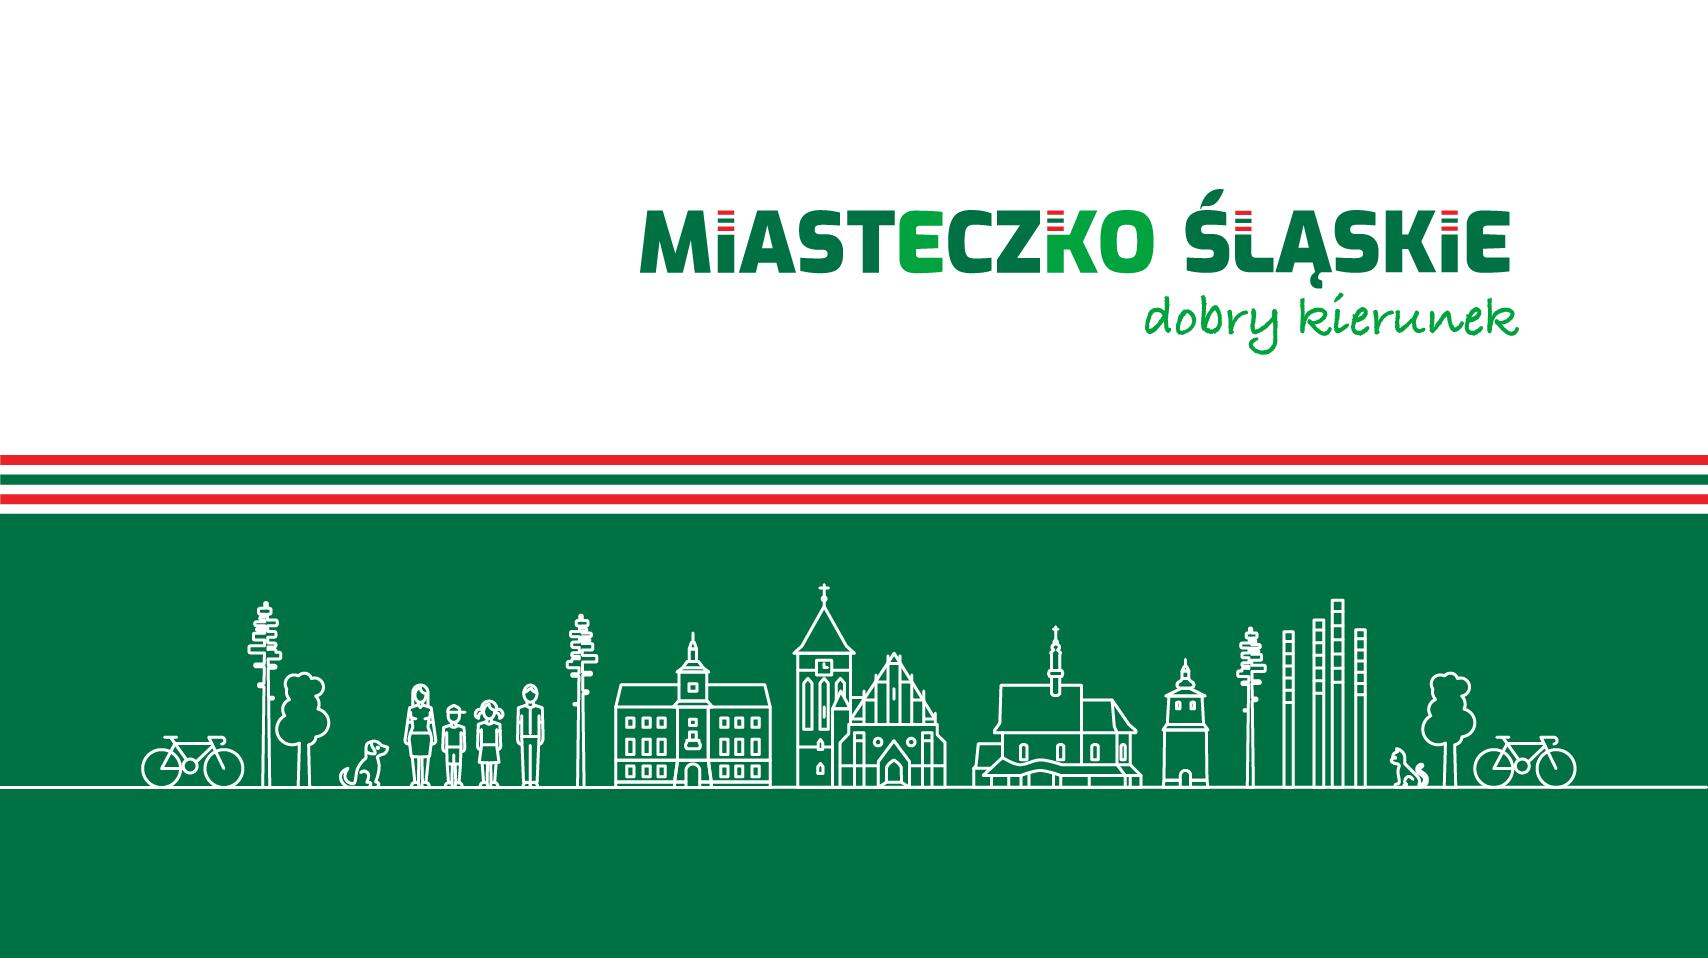 Porządek obrad XXI Sesji Rady Miejskiej w Miasteczku Śląskim